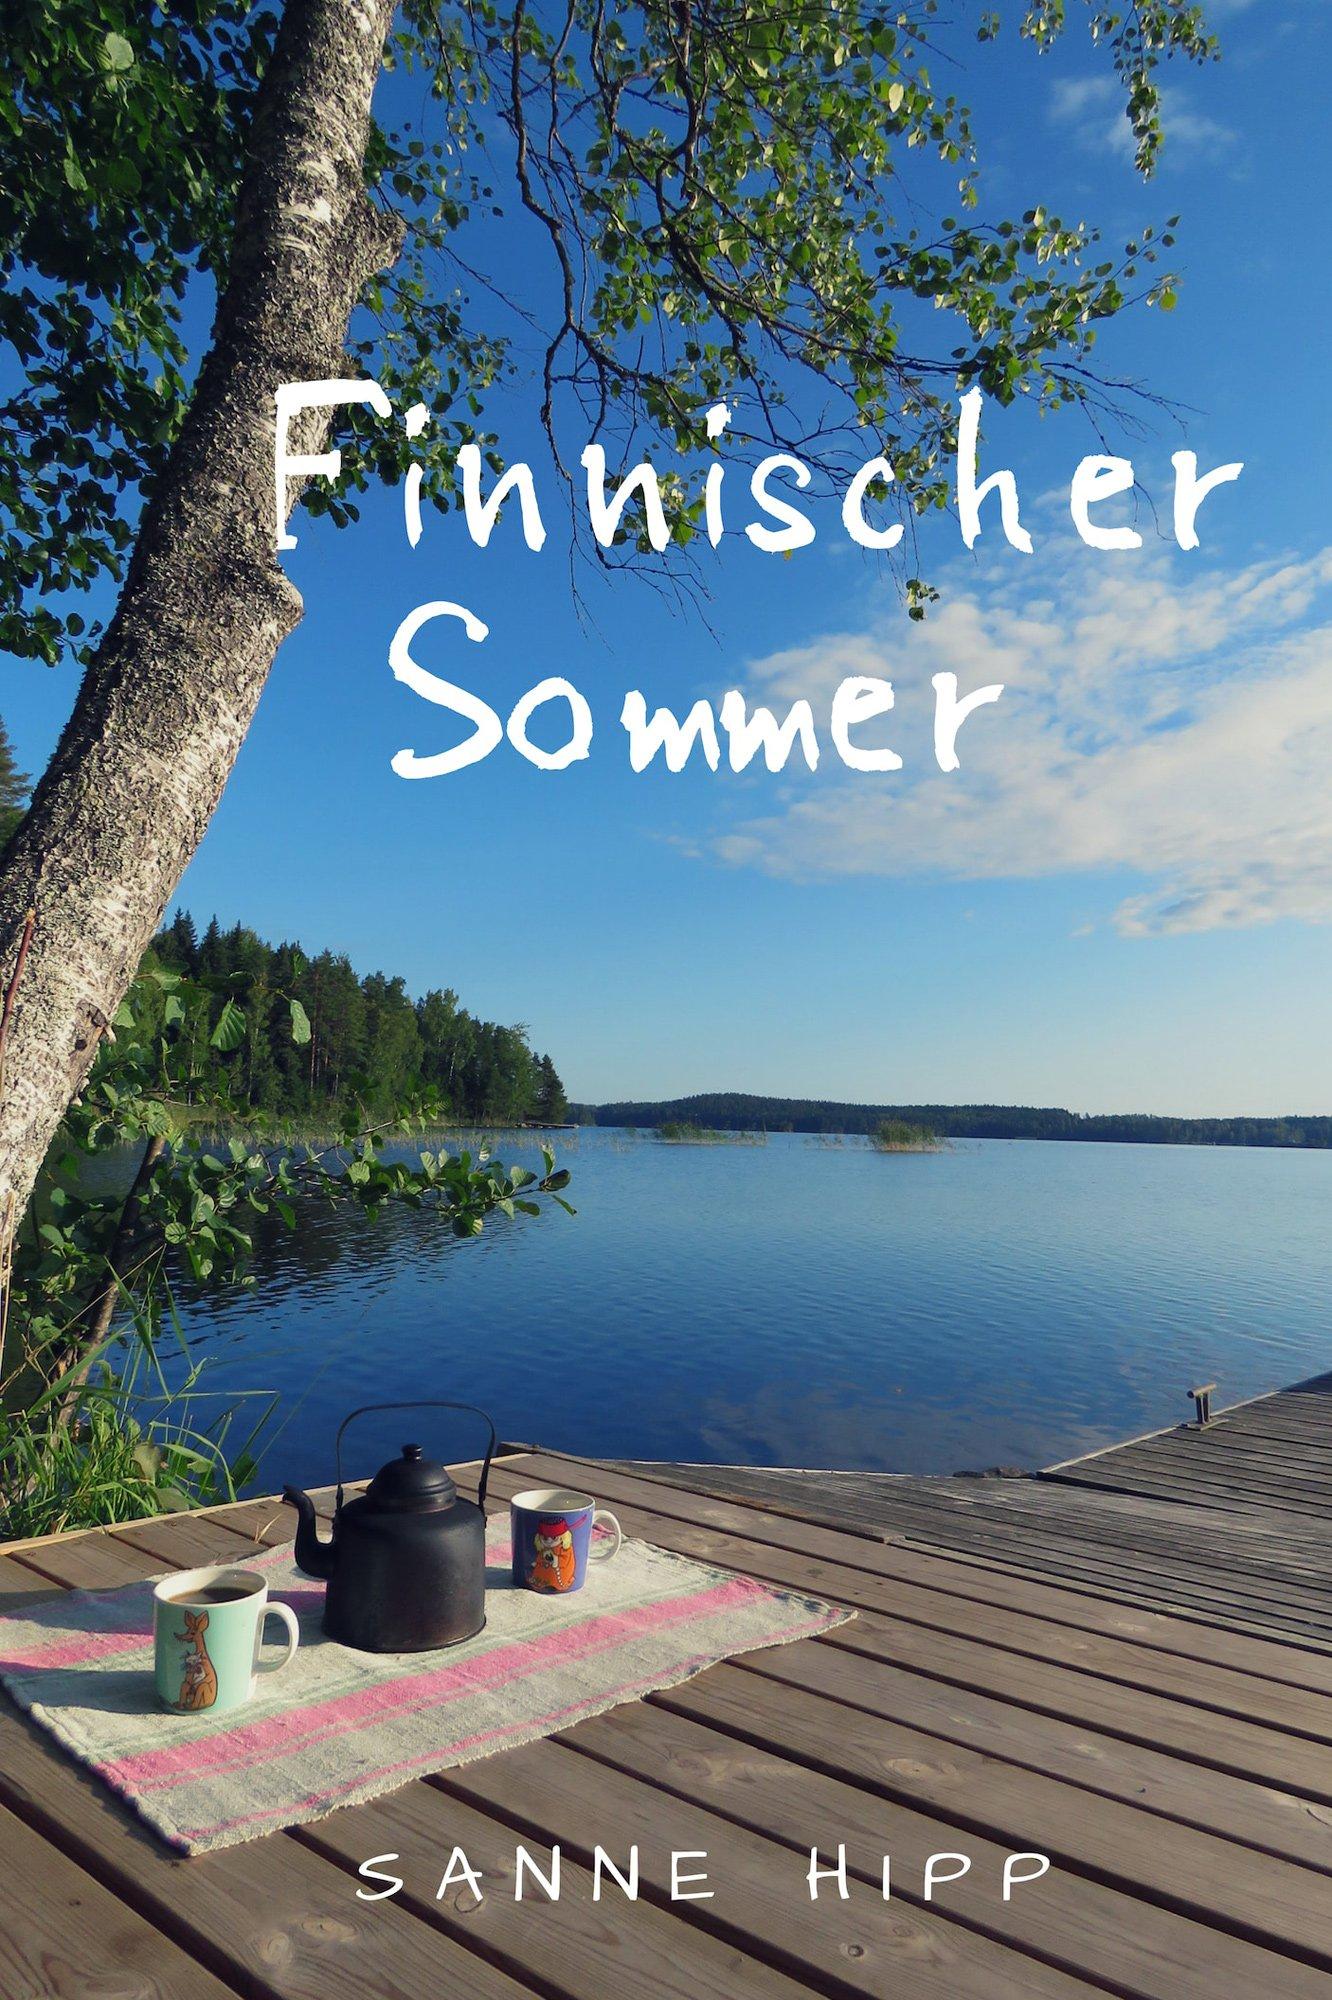 Buchcover Sanne Hipp - Finnischer Sommer - lesbian romance